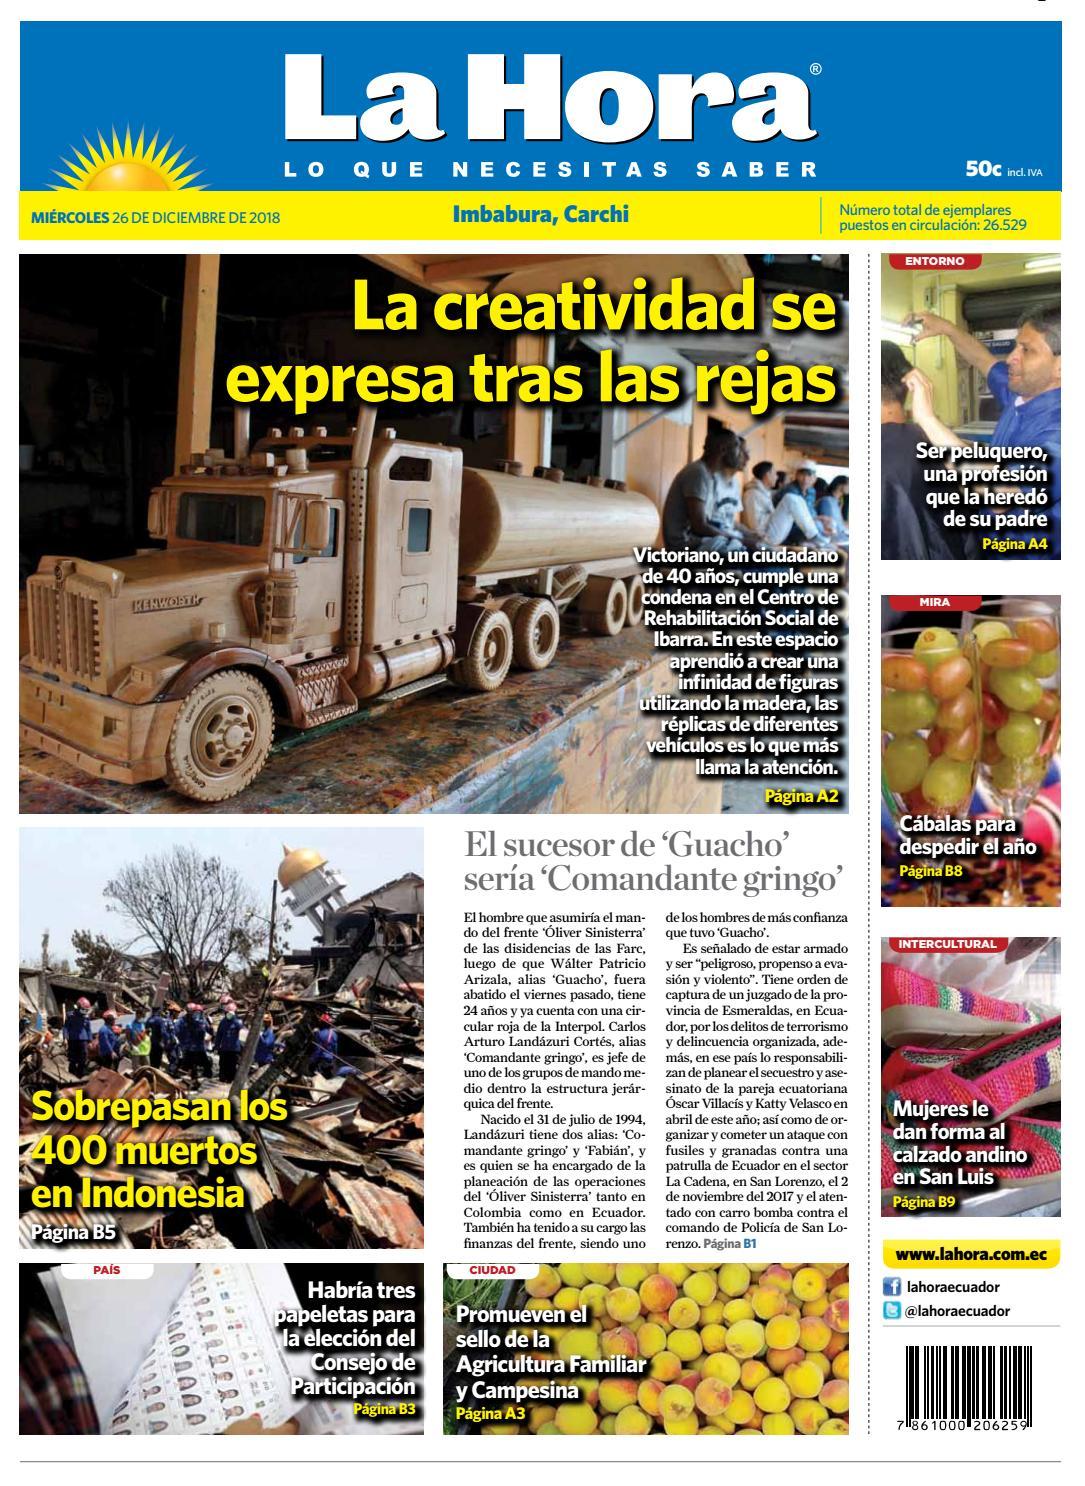 La Imbabura By Hora Diario De Carchi 2018 Del Ecuador 26 Diciembre yYgb76vf